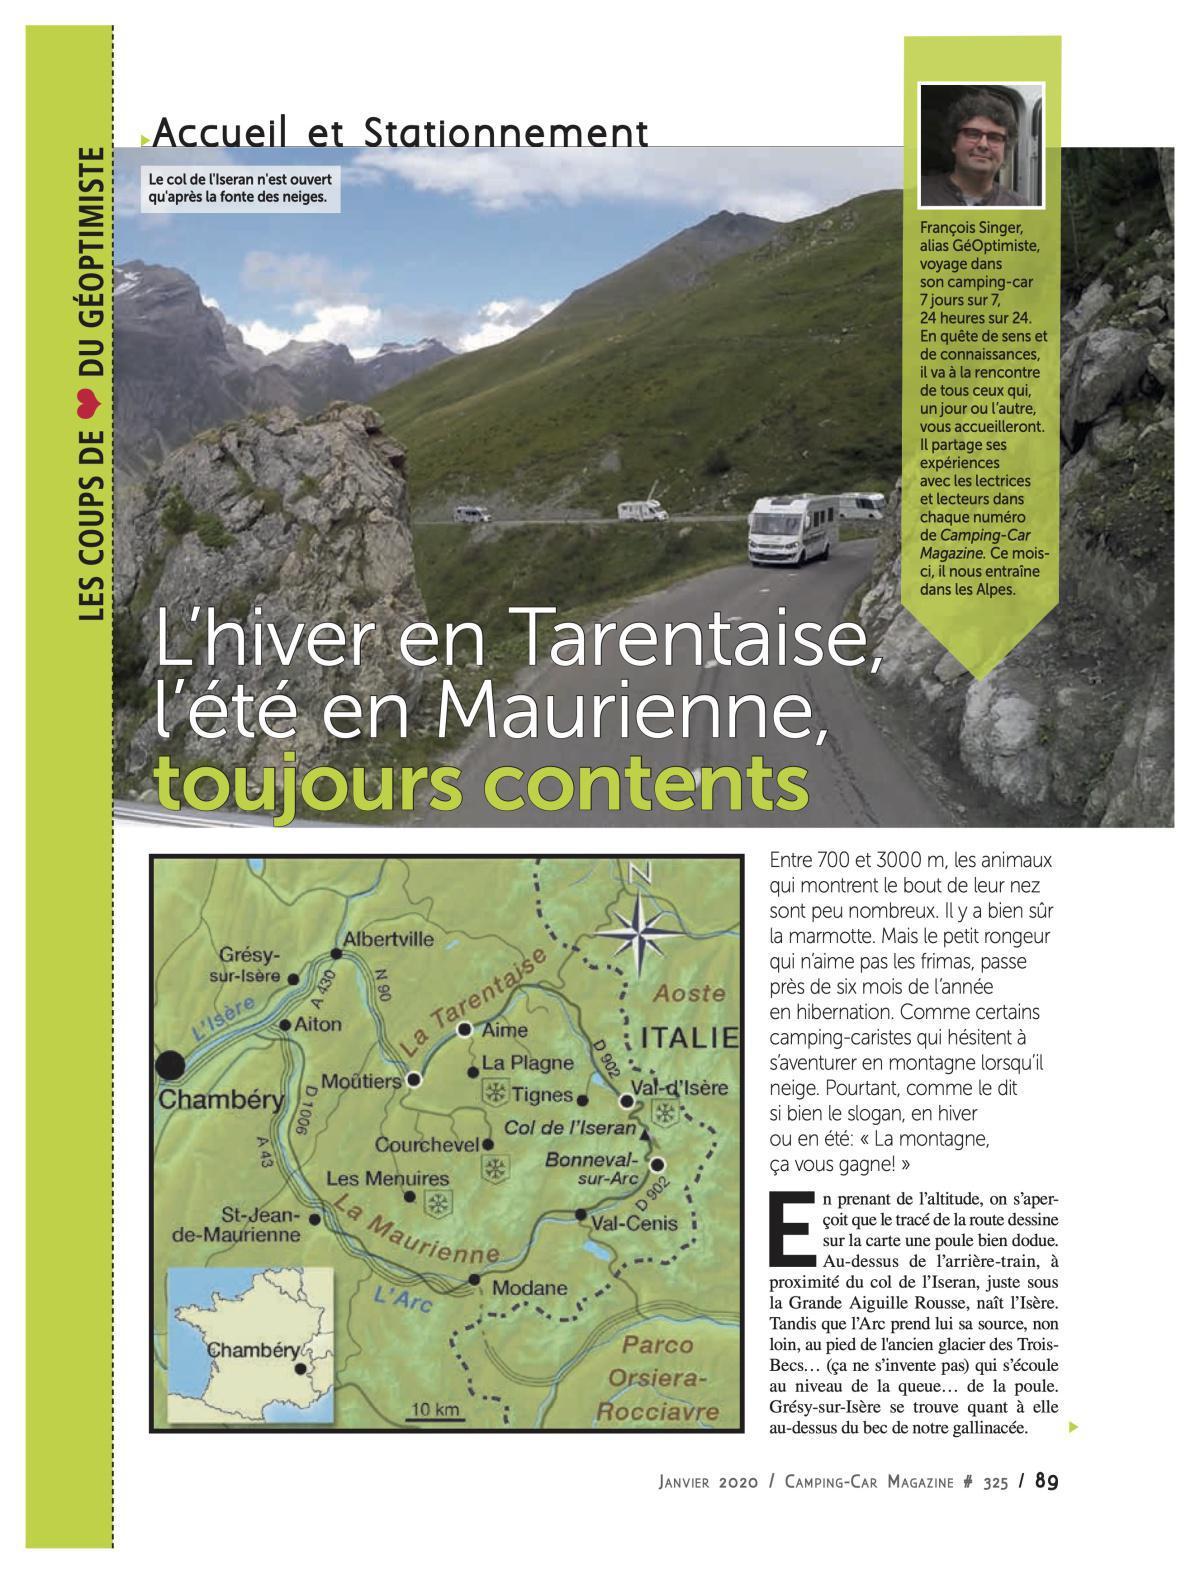 De la Tarentaise à la Maurienne - CCM 325